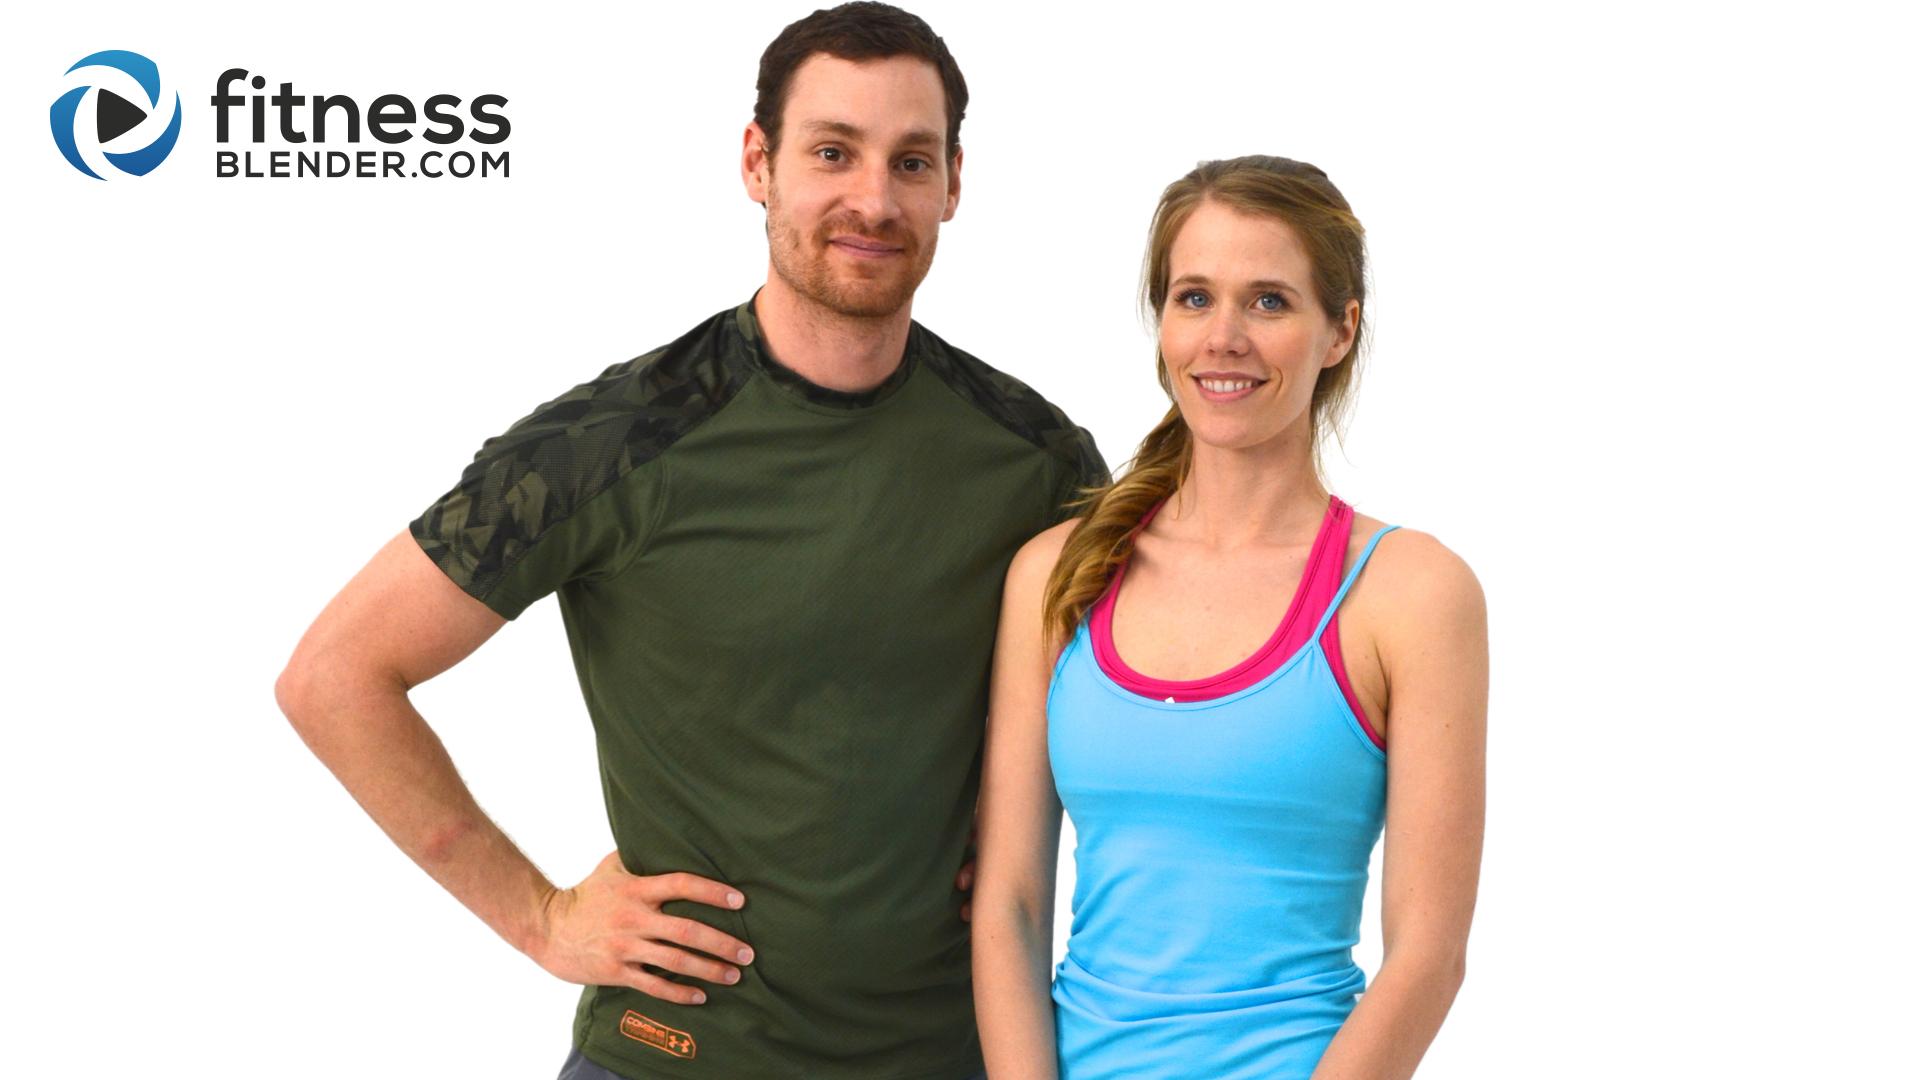 Olahraga di rumah bersama fitnessblender